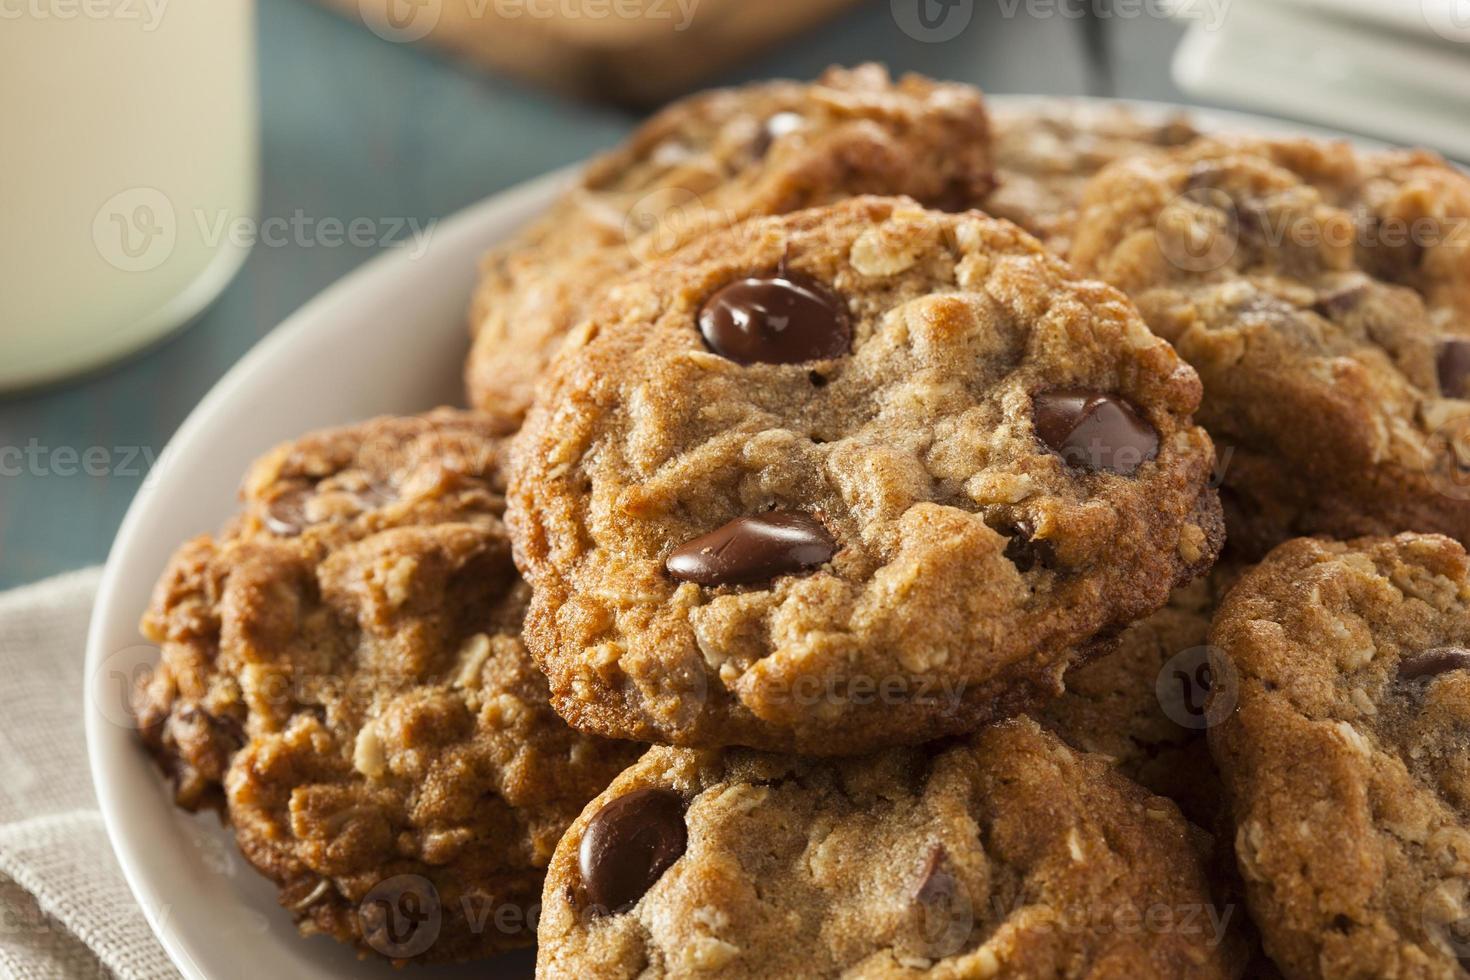 galletas de chispas de chocolate caseras foto